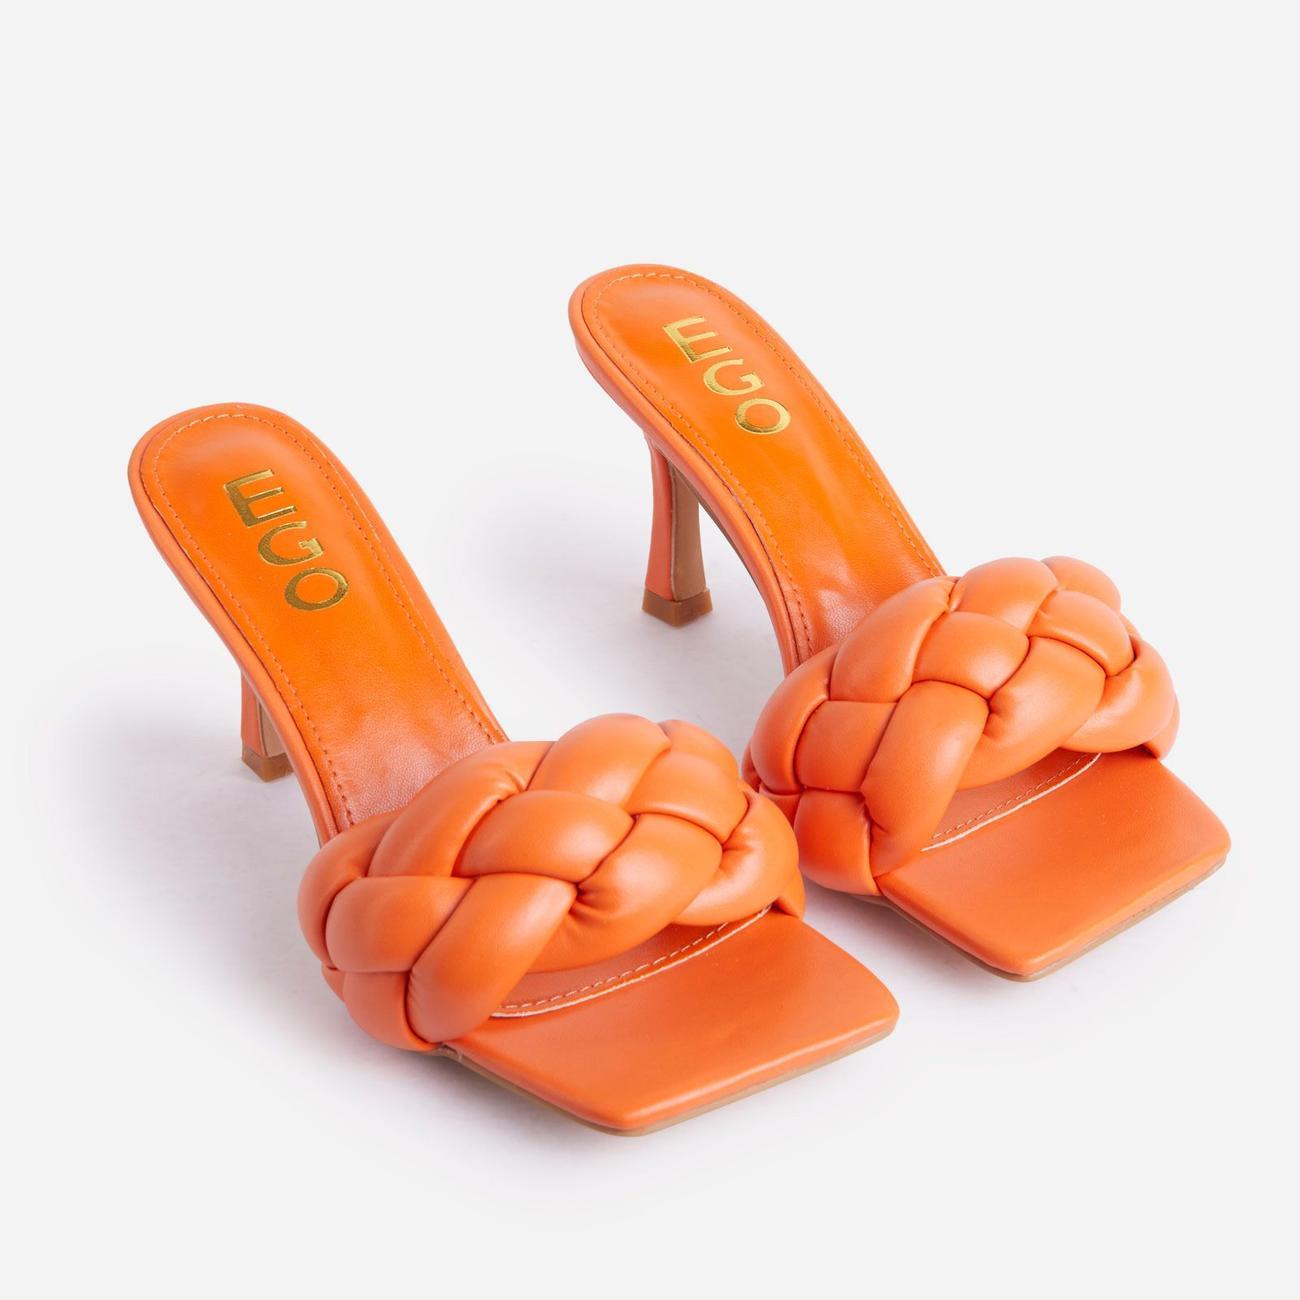 Waves Square Peep Toe Woven Kitten Heel Mule In Orange Faux Leather Image 2